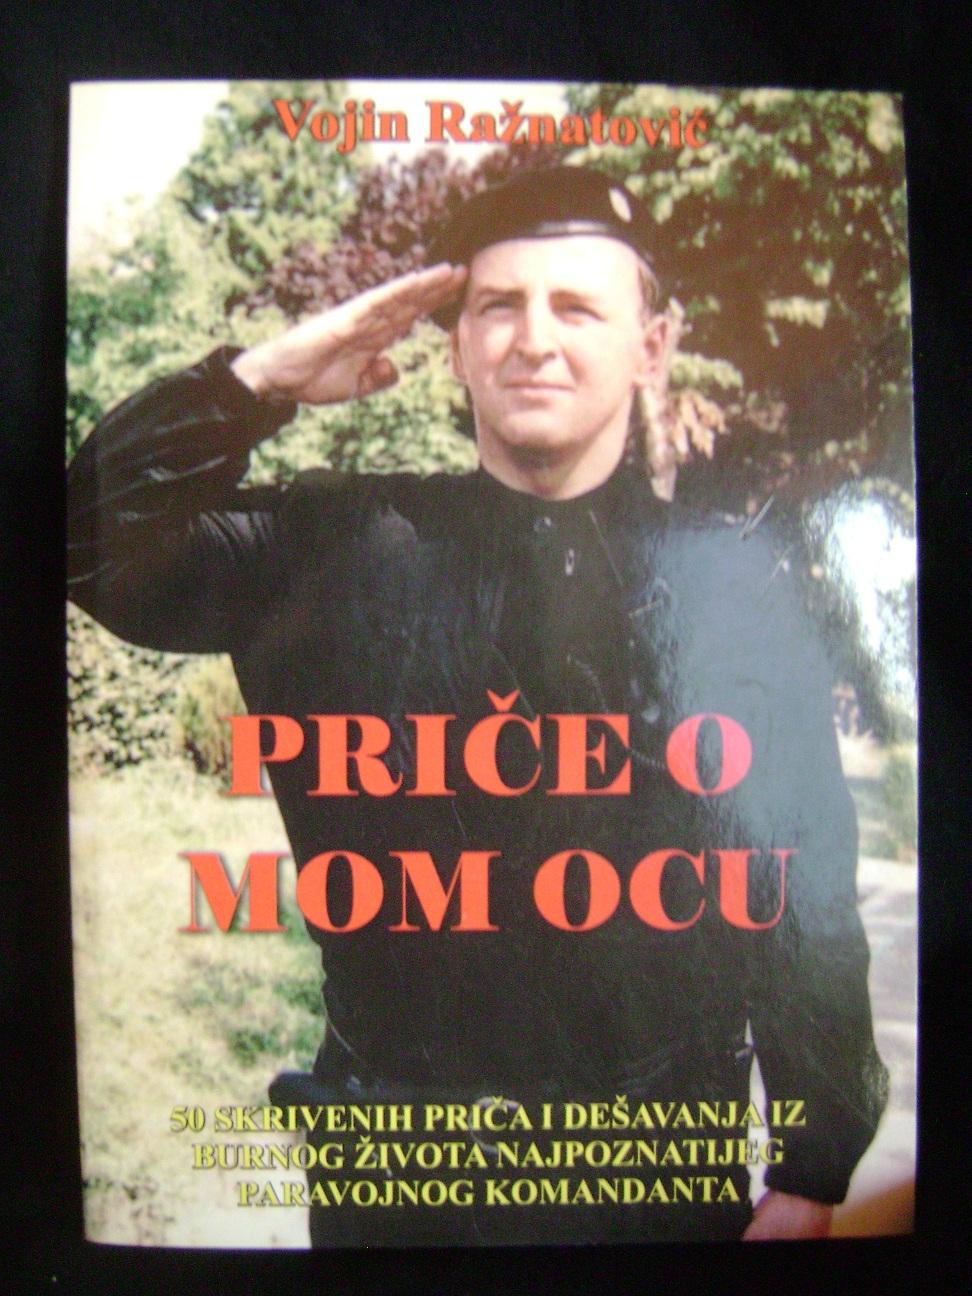 Price_o_mom_ocu.JPG